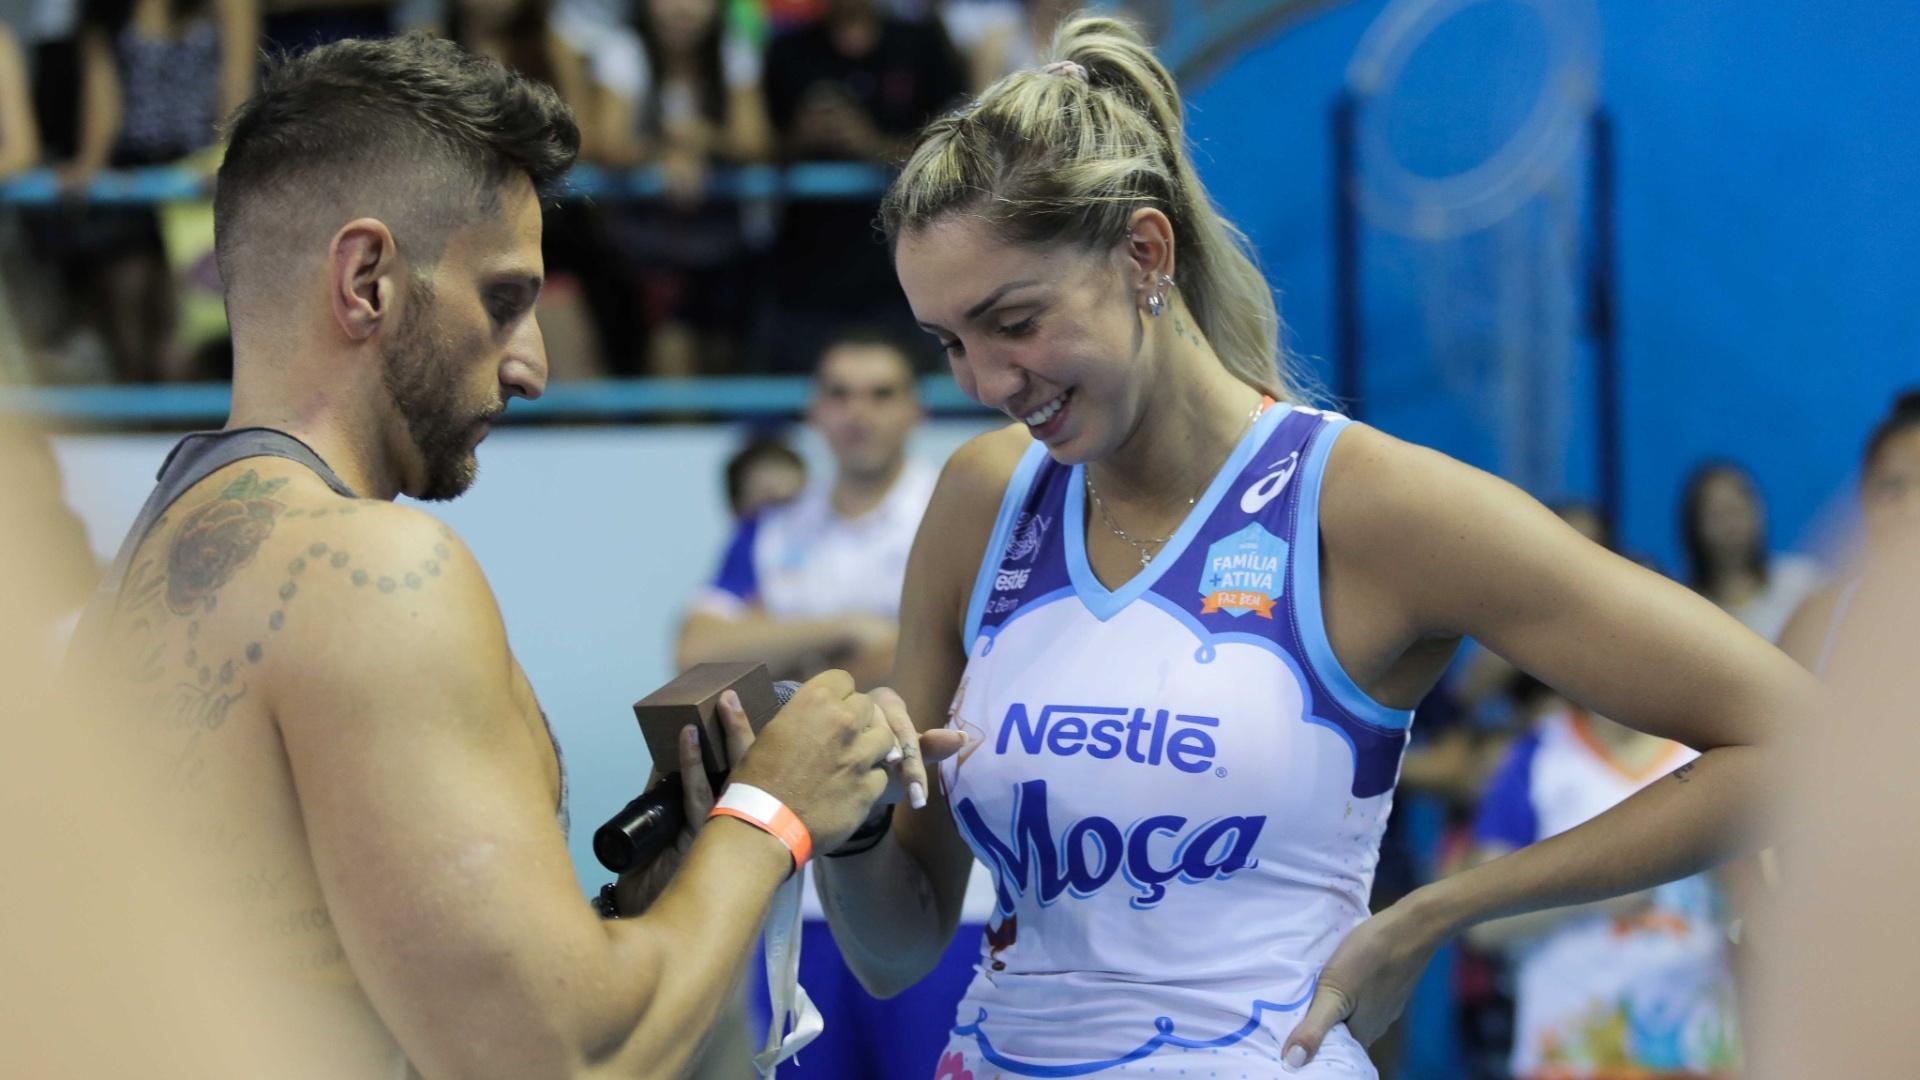 22.dez.2015 - Jogadora de vôlei Thaisa é pedida em casamento pelo namorado após vitória do Vôlei Nestlé pela Superliga feminina